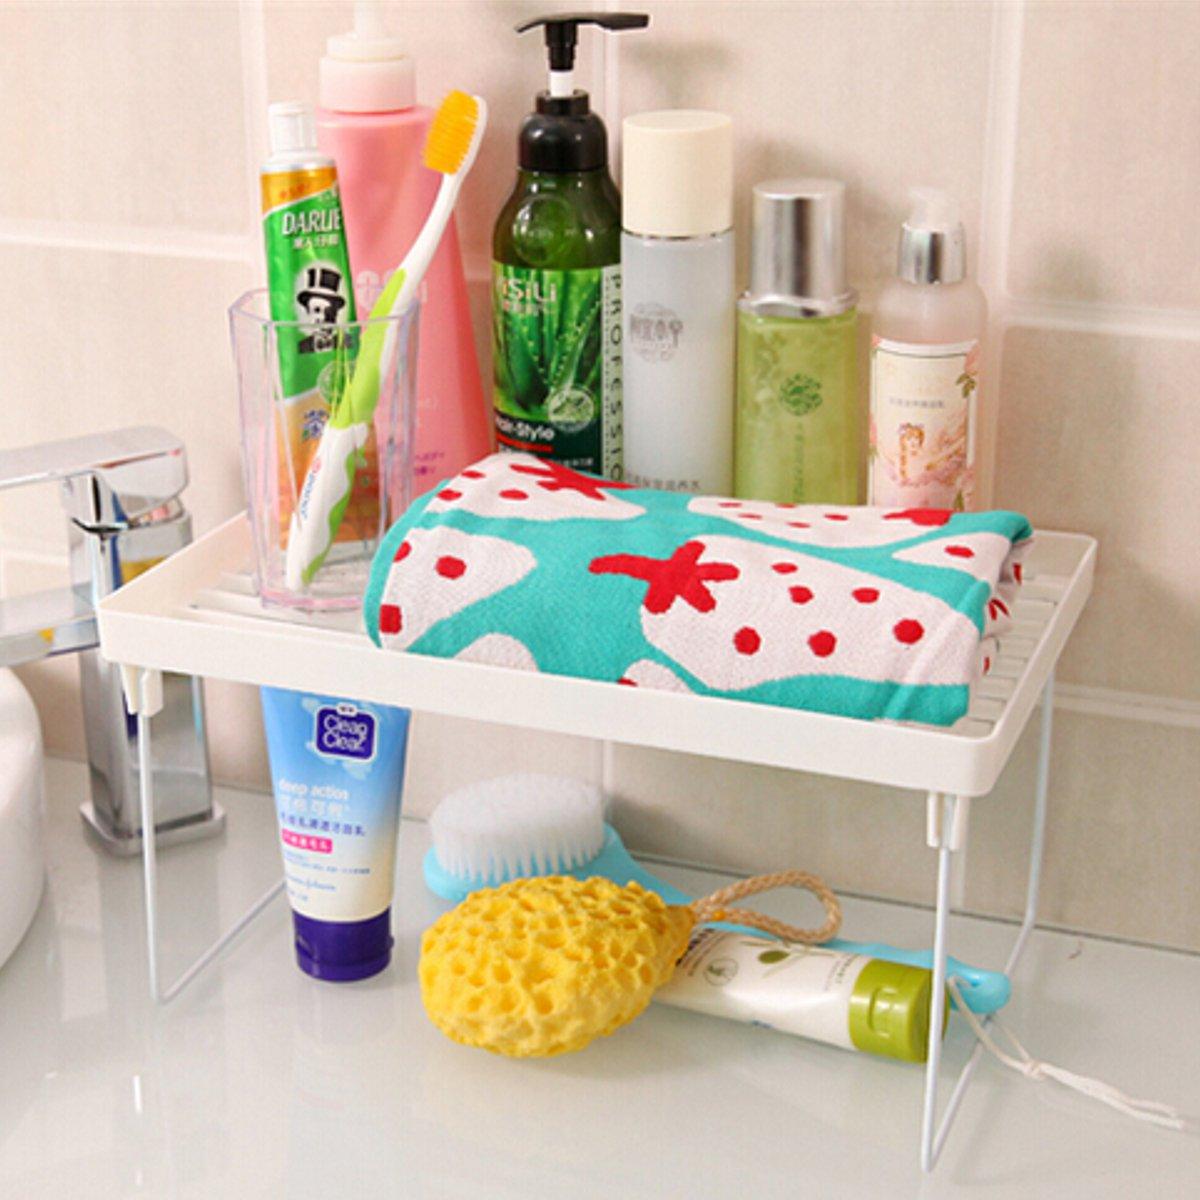 Elegant Corner Bathroom Storage Cabinets Kitchen Cabinet With Sink Philippines